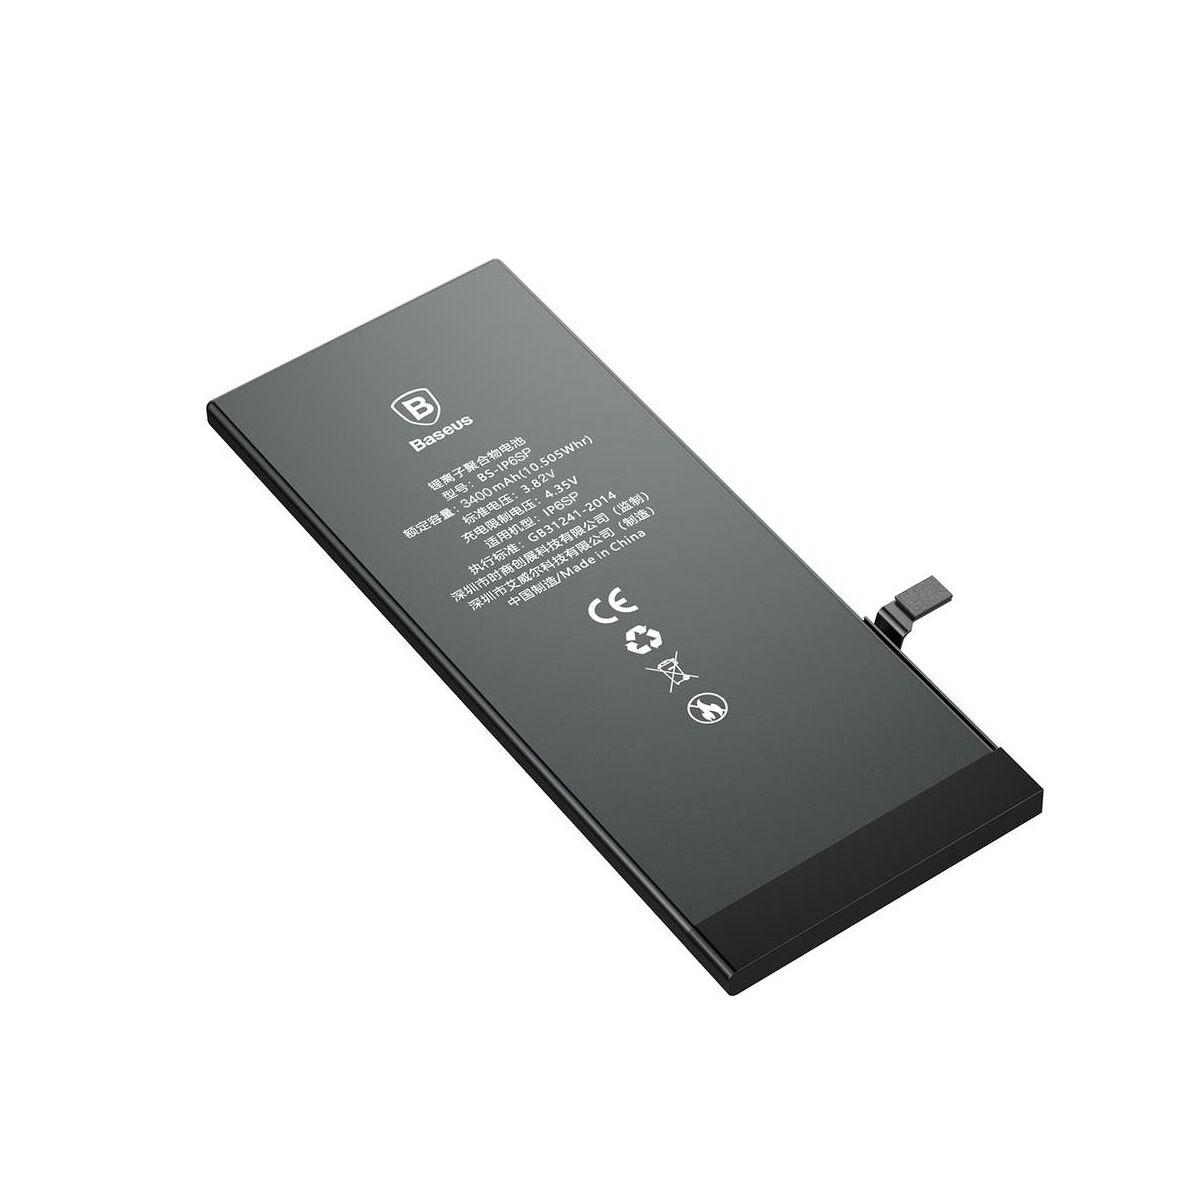 Baseus nagy teljesítményű akkumulátor iPhone 6s Plus-hoz, 3400 mAh (ACCB-BIP6SP)